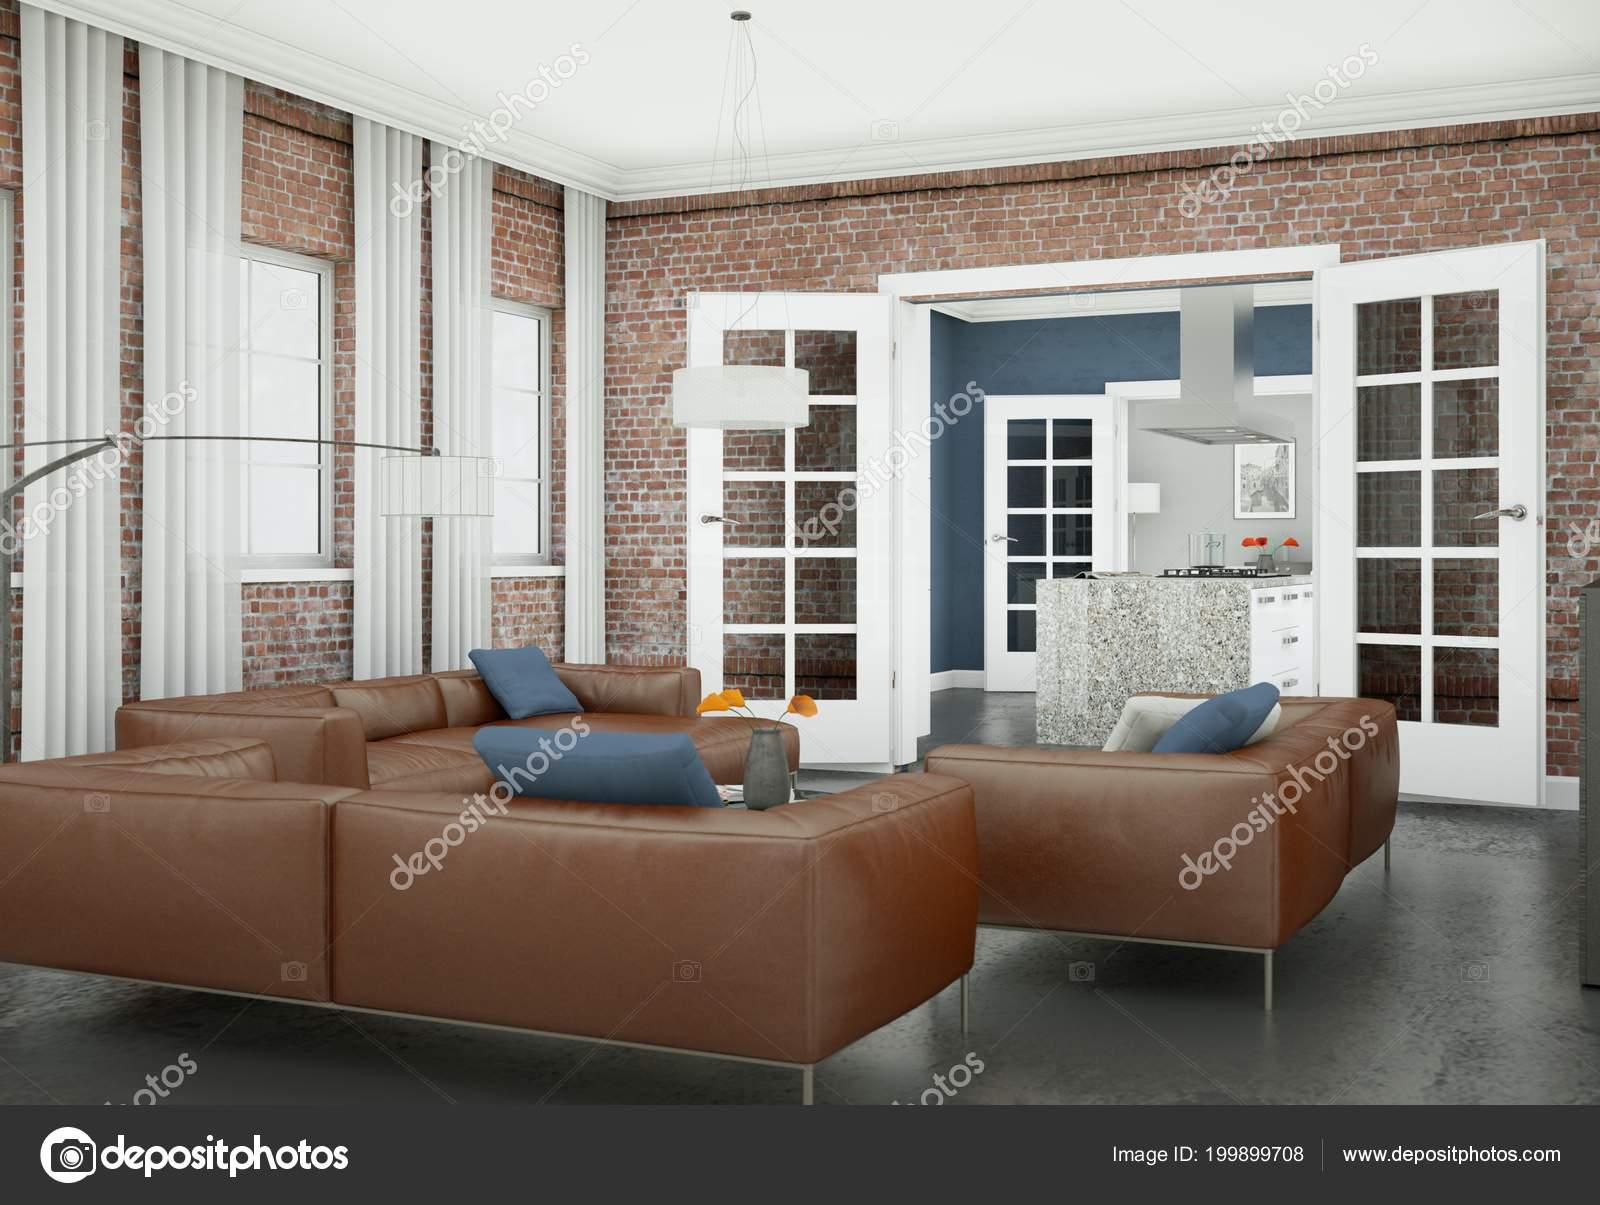 Moderne Wohnzimmer Interieurdesign Mit Braunen Ledersofas U2014 Stockfoto